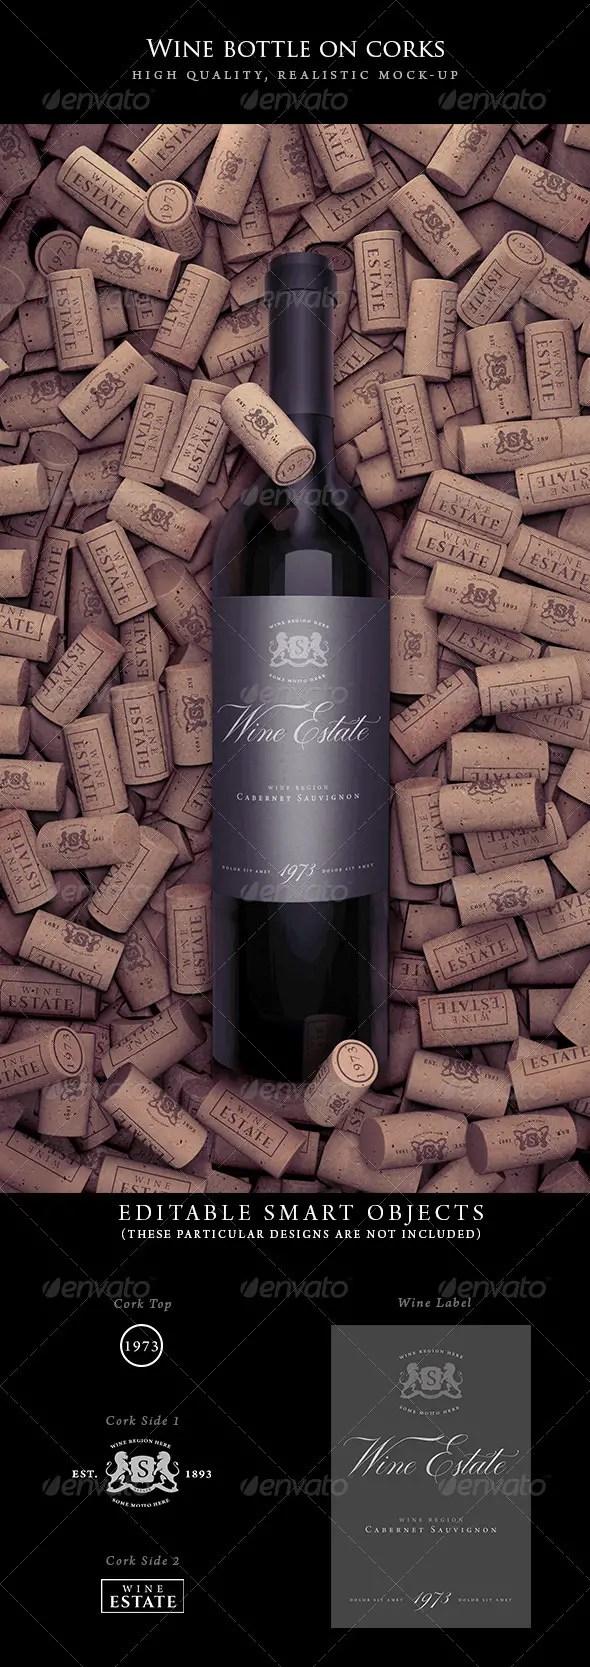 Wine Bottle on Corks Mockup